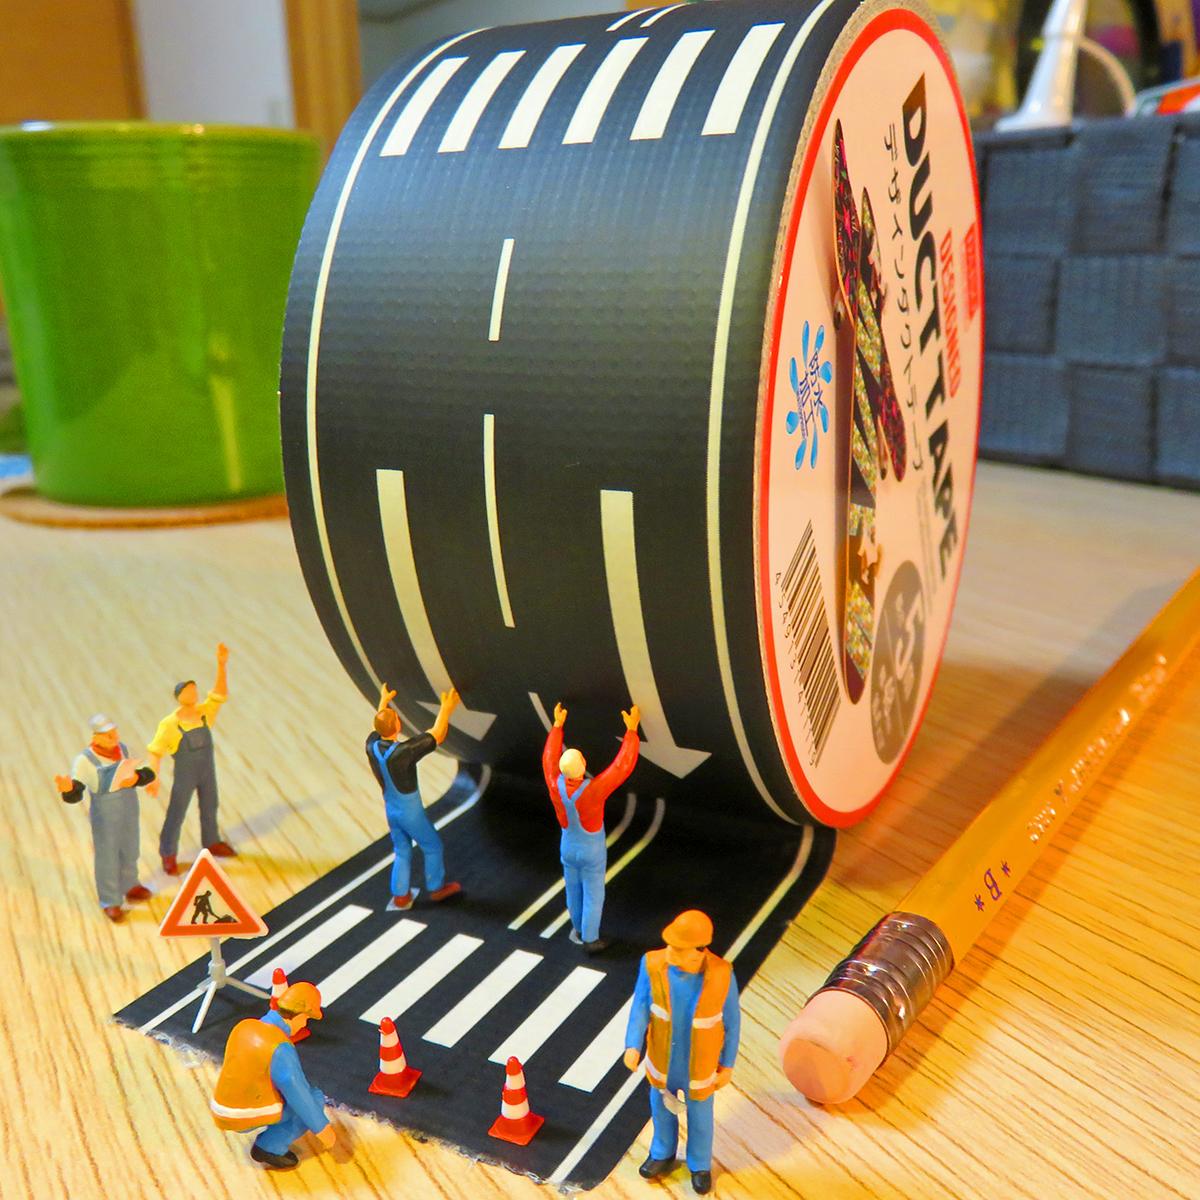 8月10日は道の日!ダクトテープで道を作る道路工事作業員たち